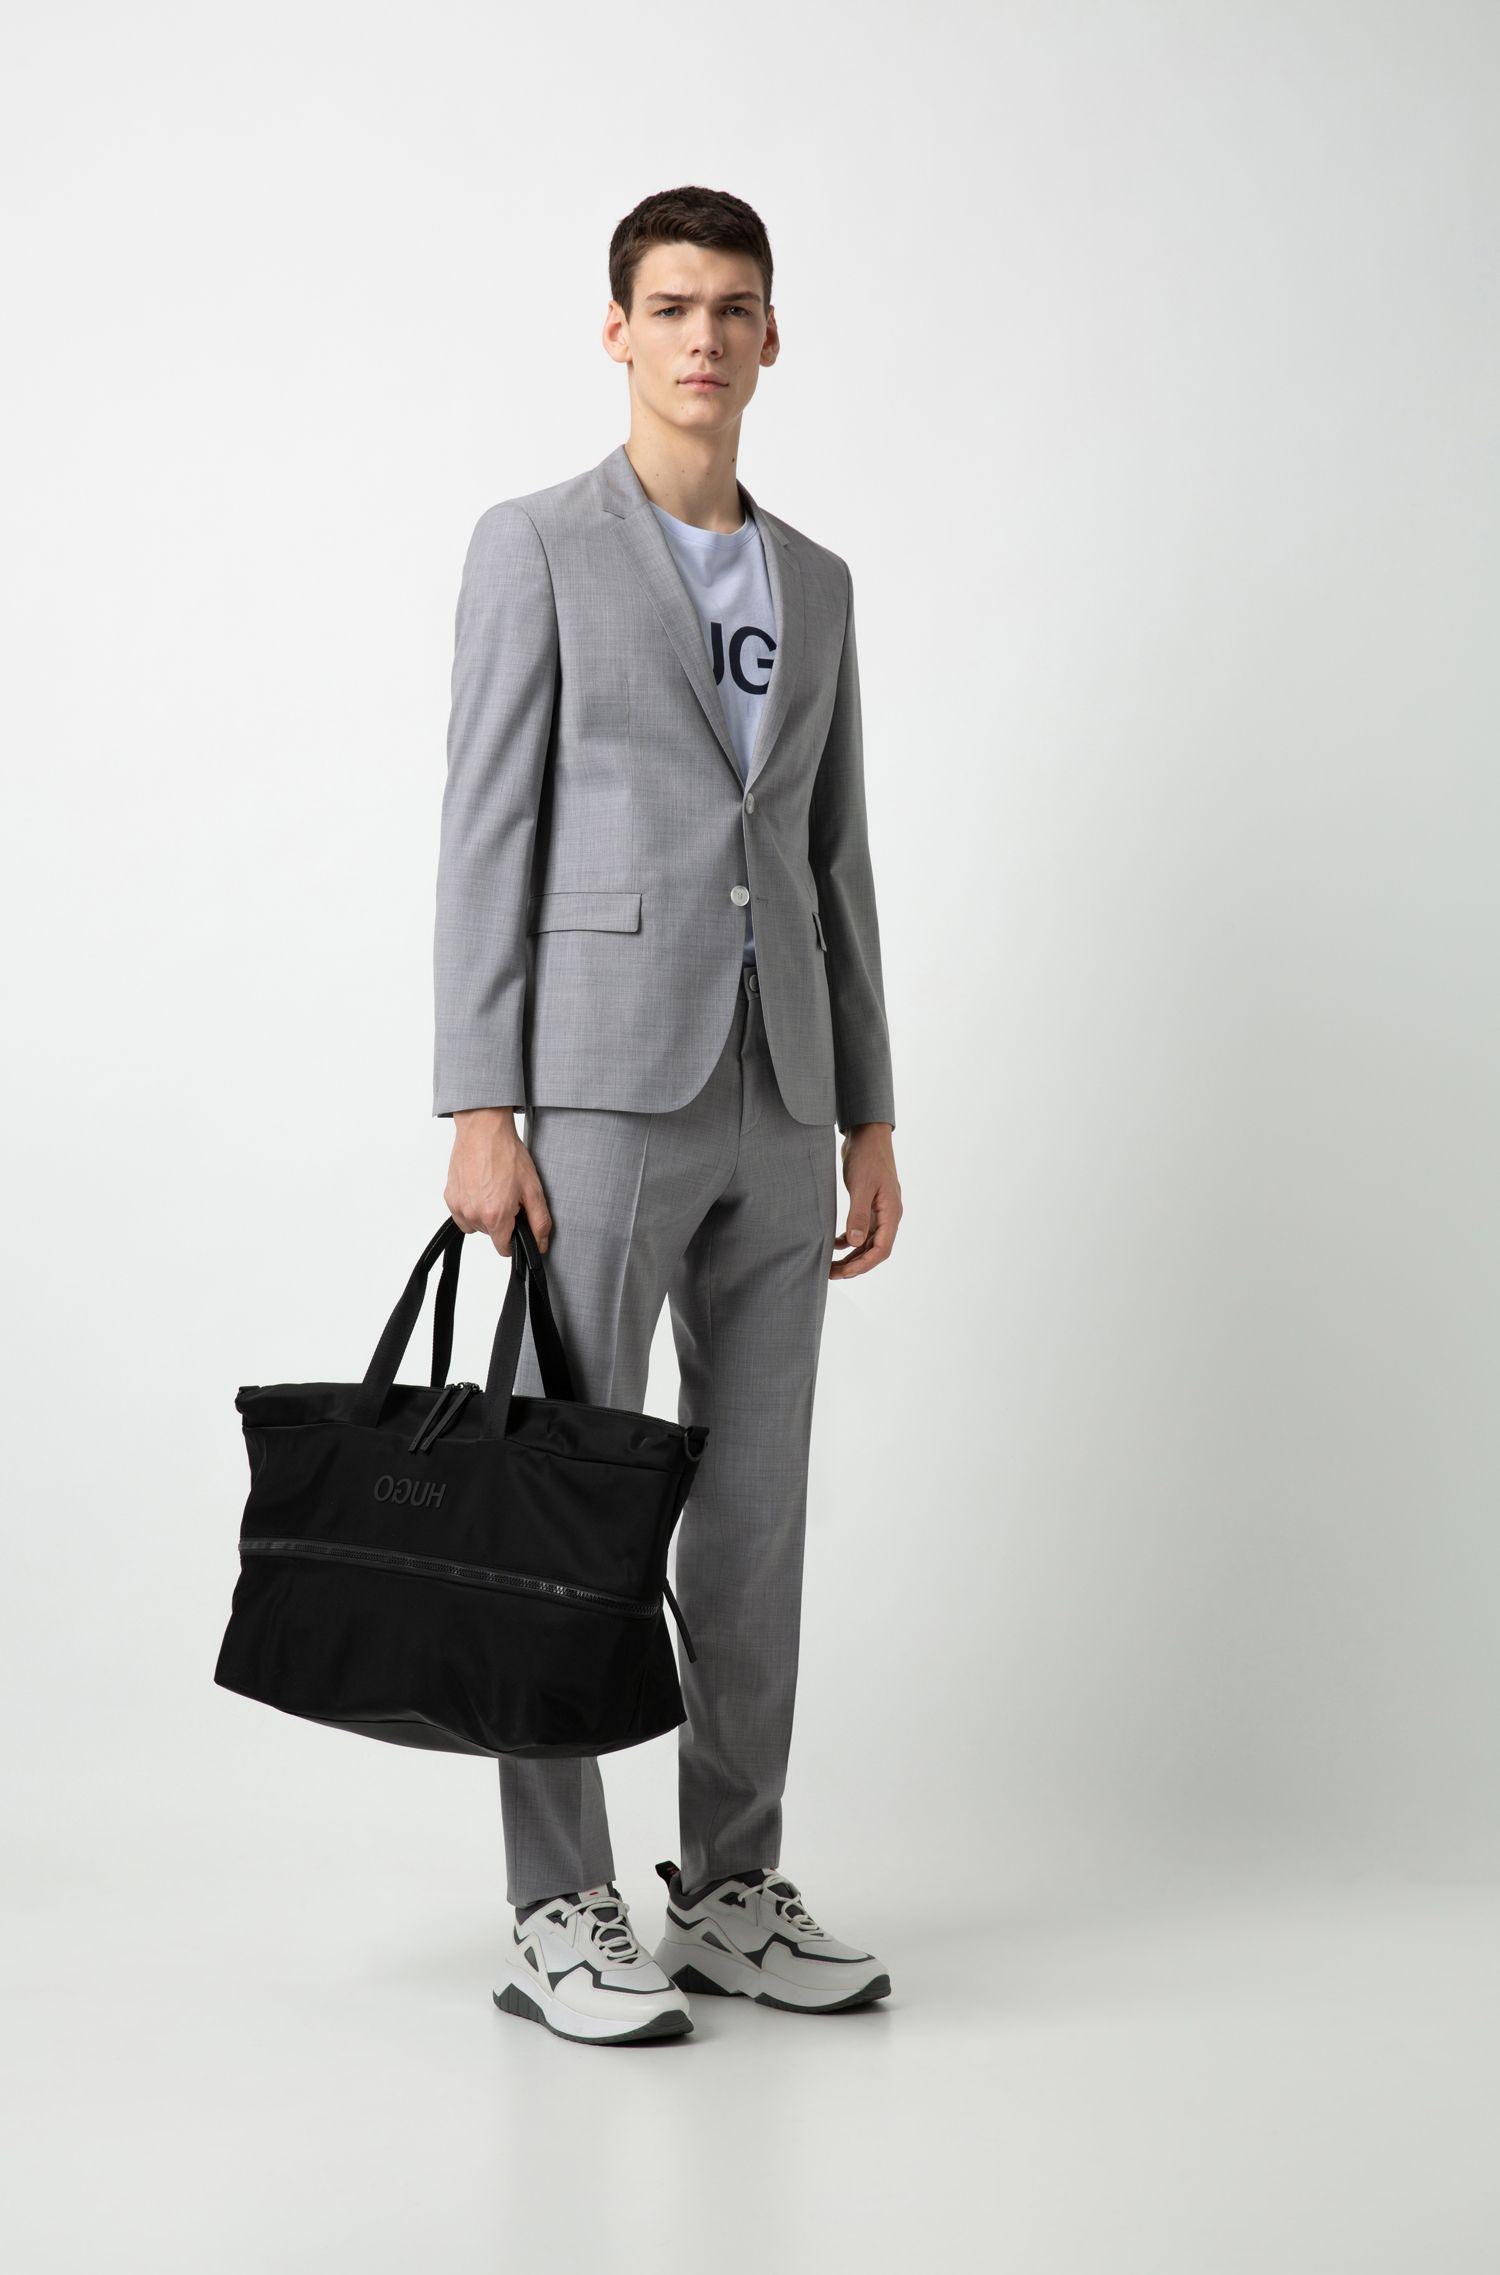 Hugo Boss - Amplio bolso weekender extensible en tejido de gabardina de nylon con logo invertido - 2